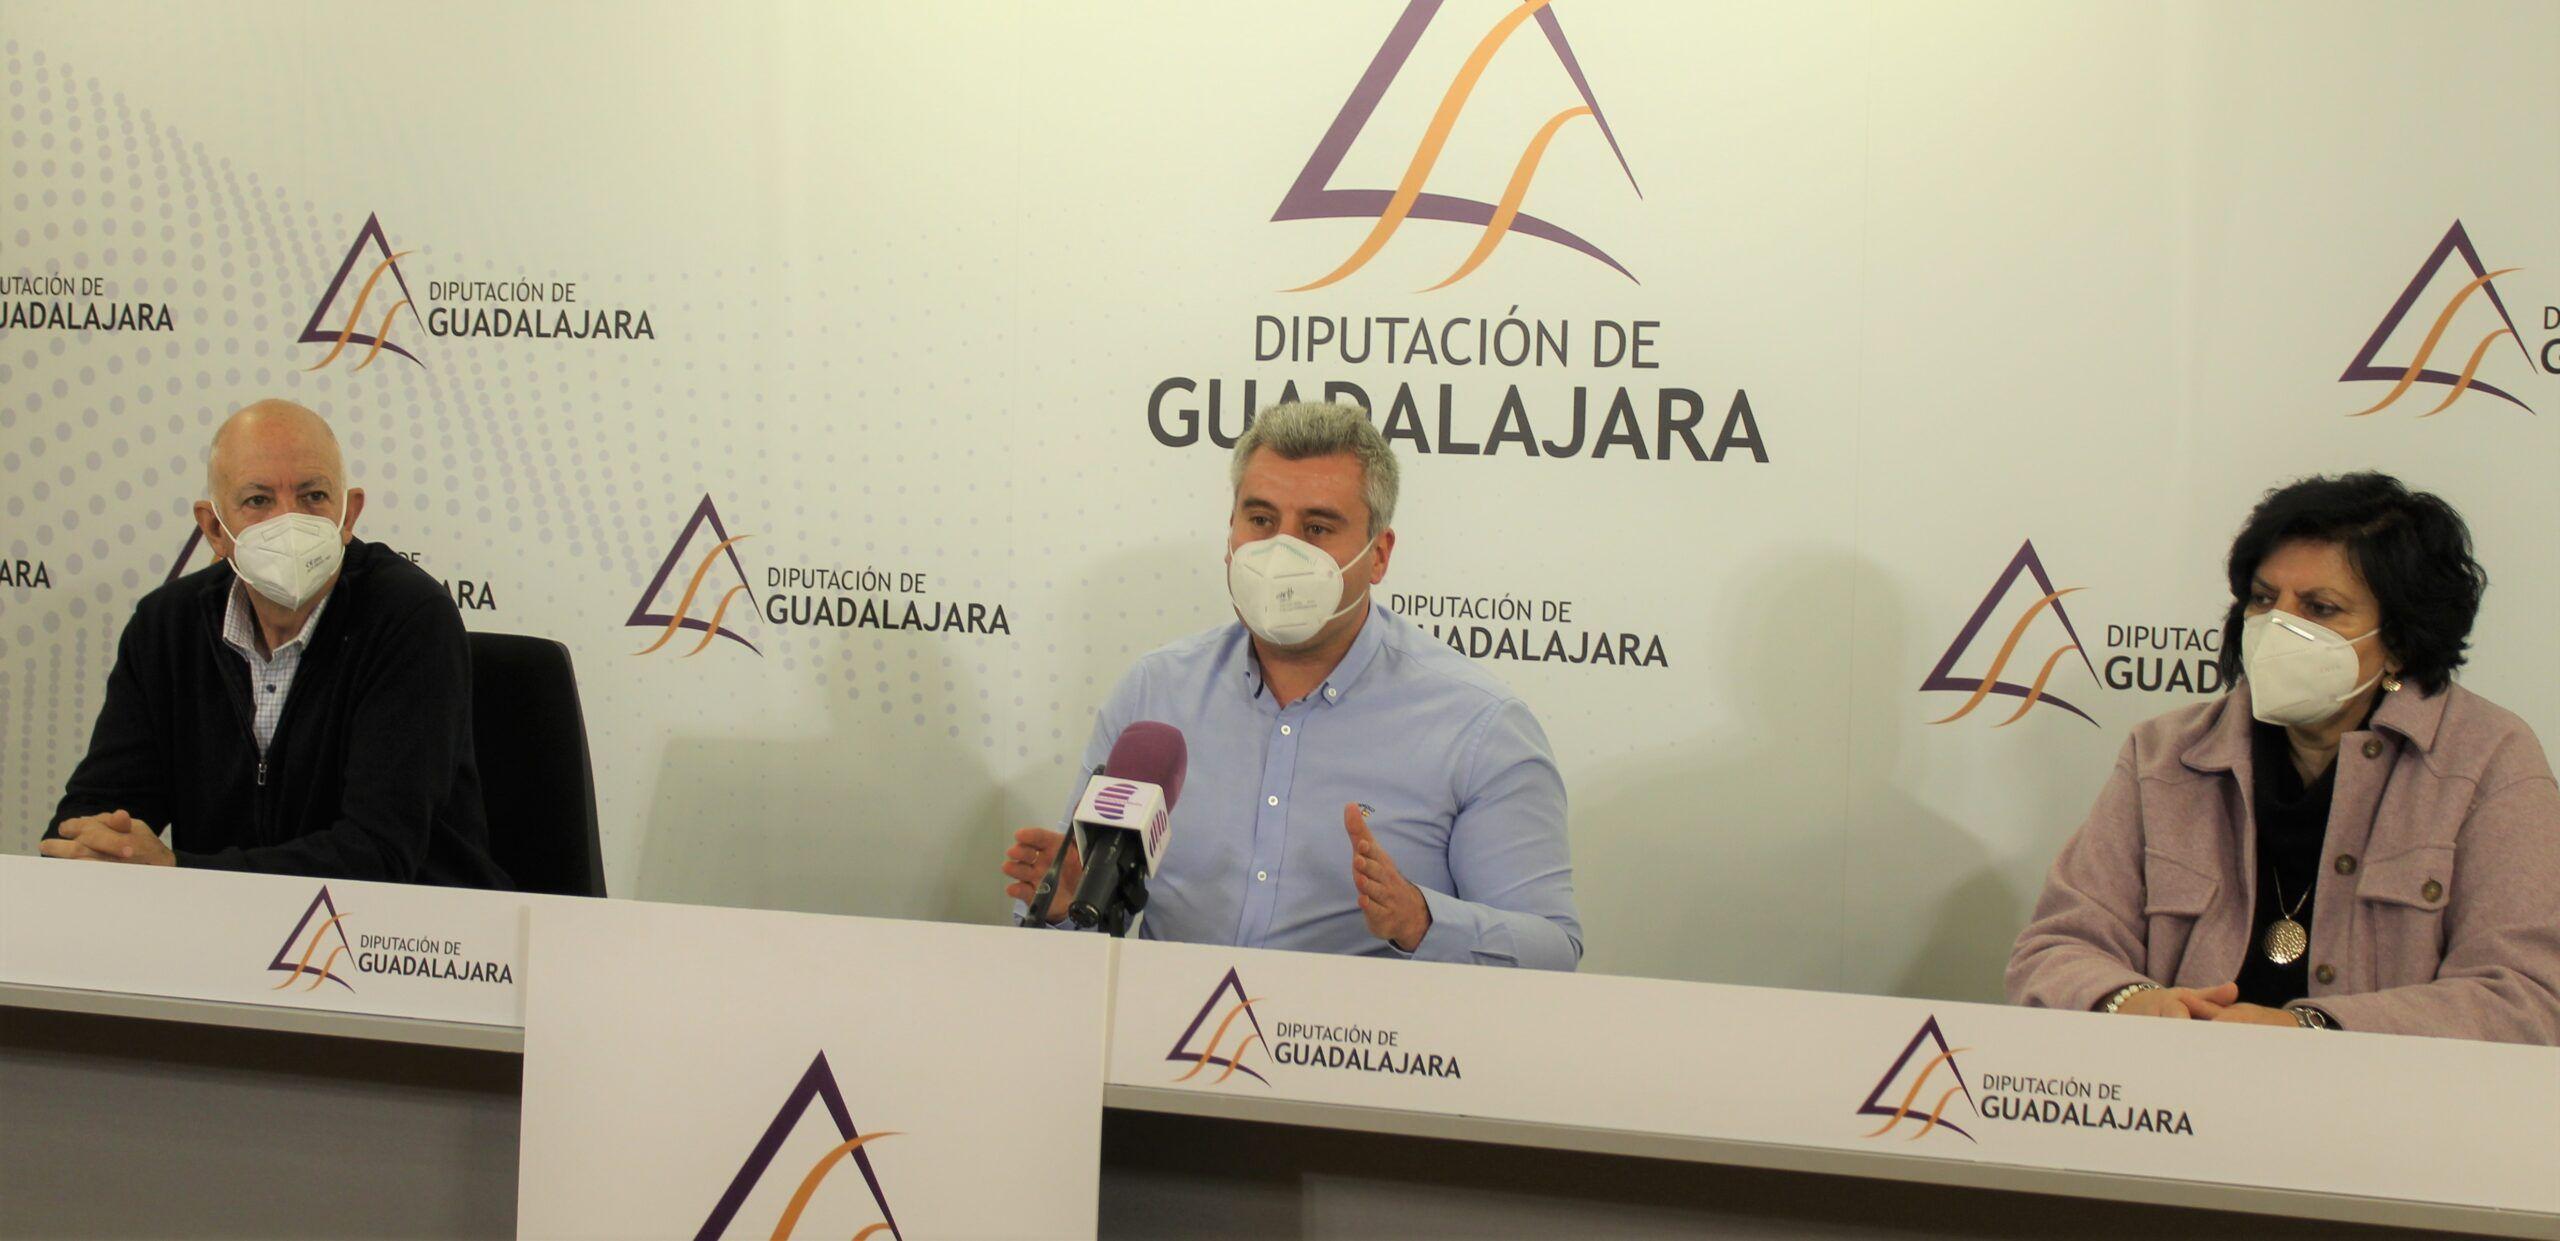 El Grupo Popular pedirá la reposición del servicio de Correos suprimido en distintos municipios de la provincia